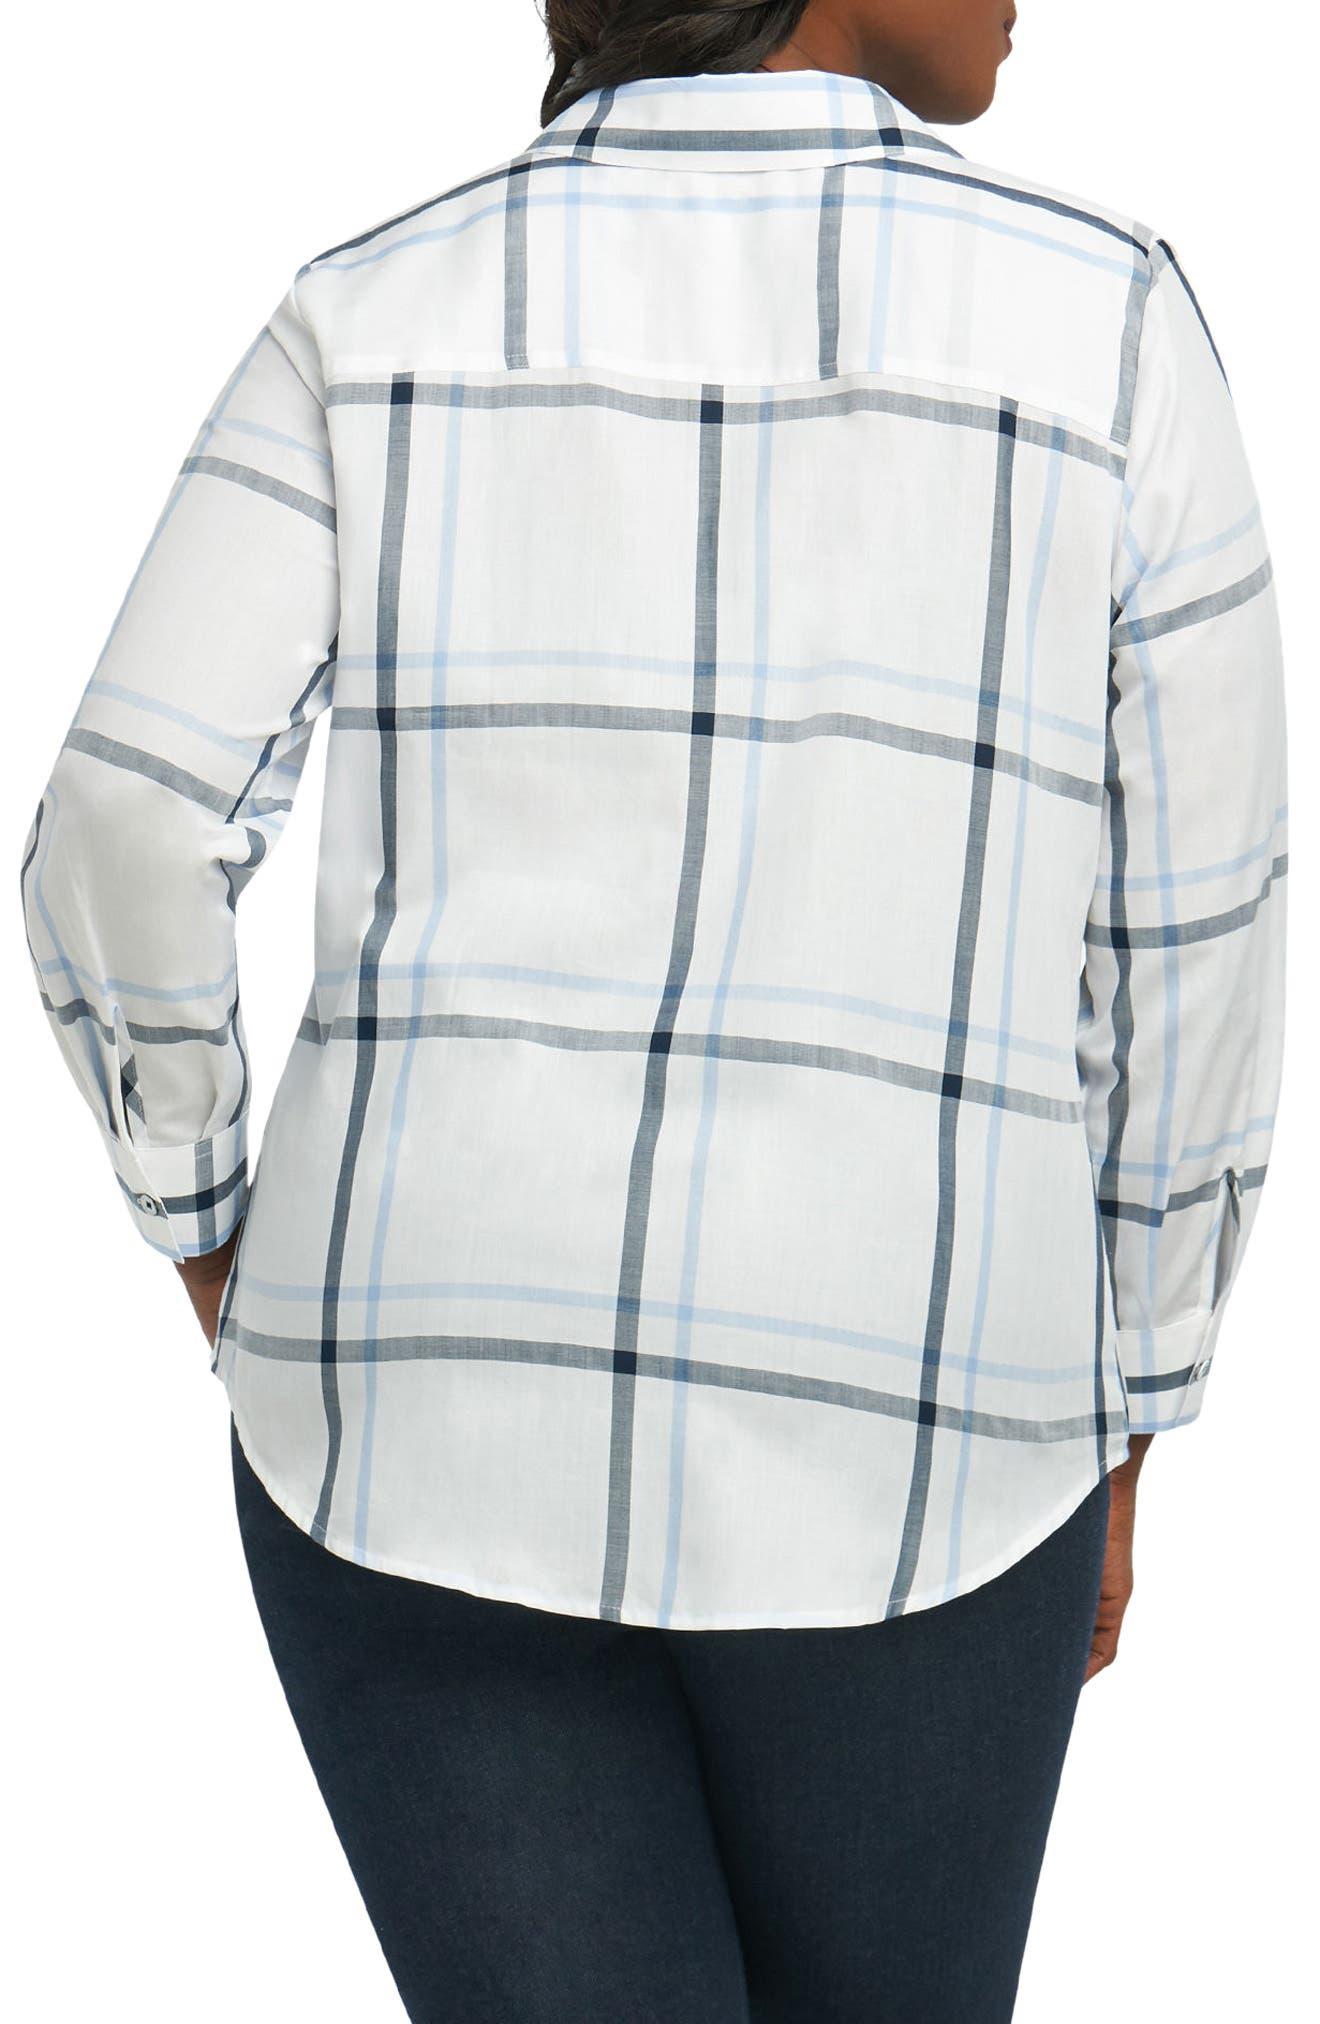 Alternate Image 2  - Foxcroft Coralie Plaid Woven Shirt (Plus Size)